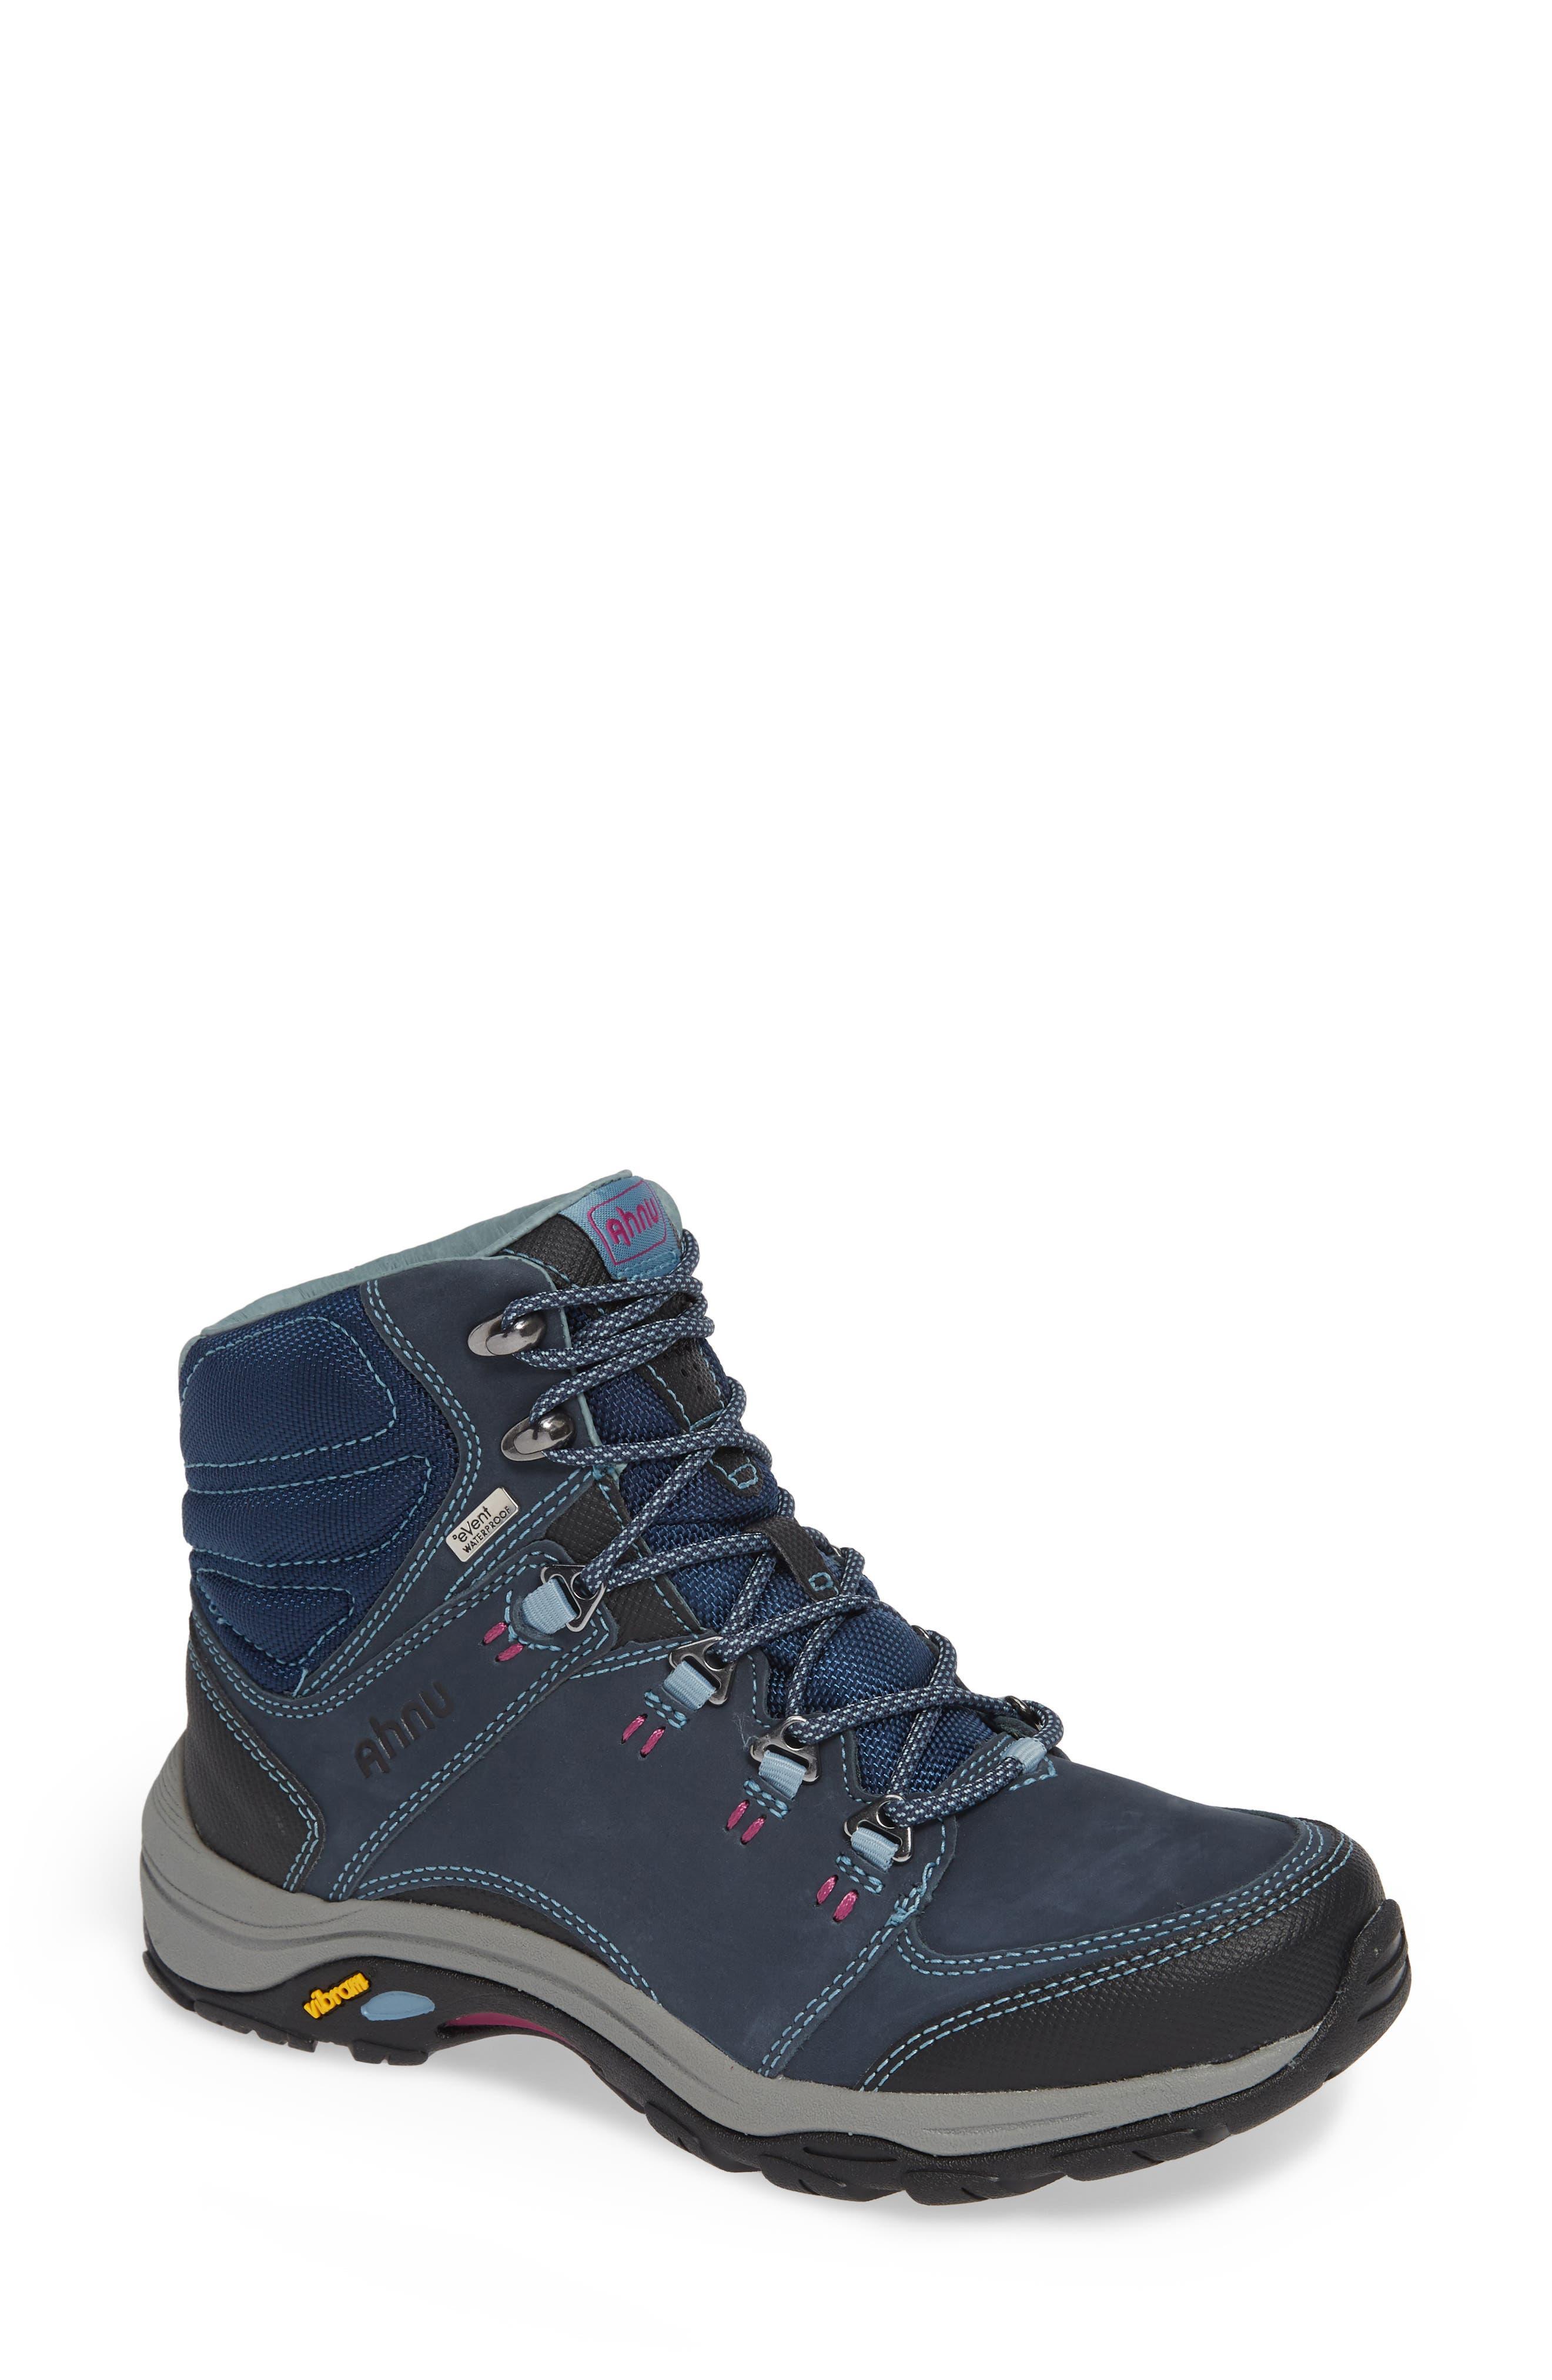 Ahnu By Teva Montara Iii Waterproof Hiking Boot- Blue